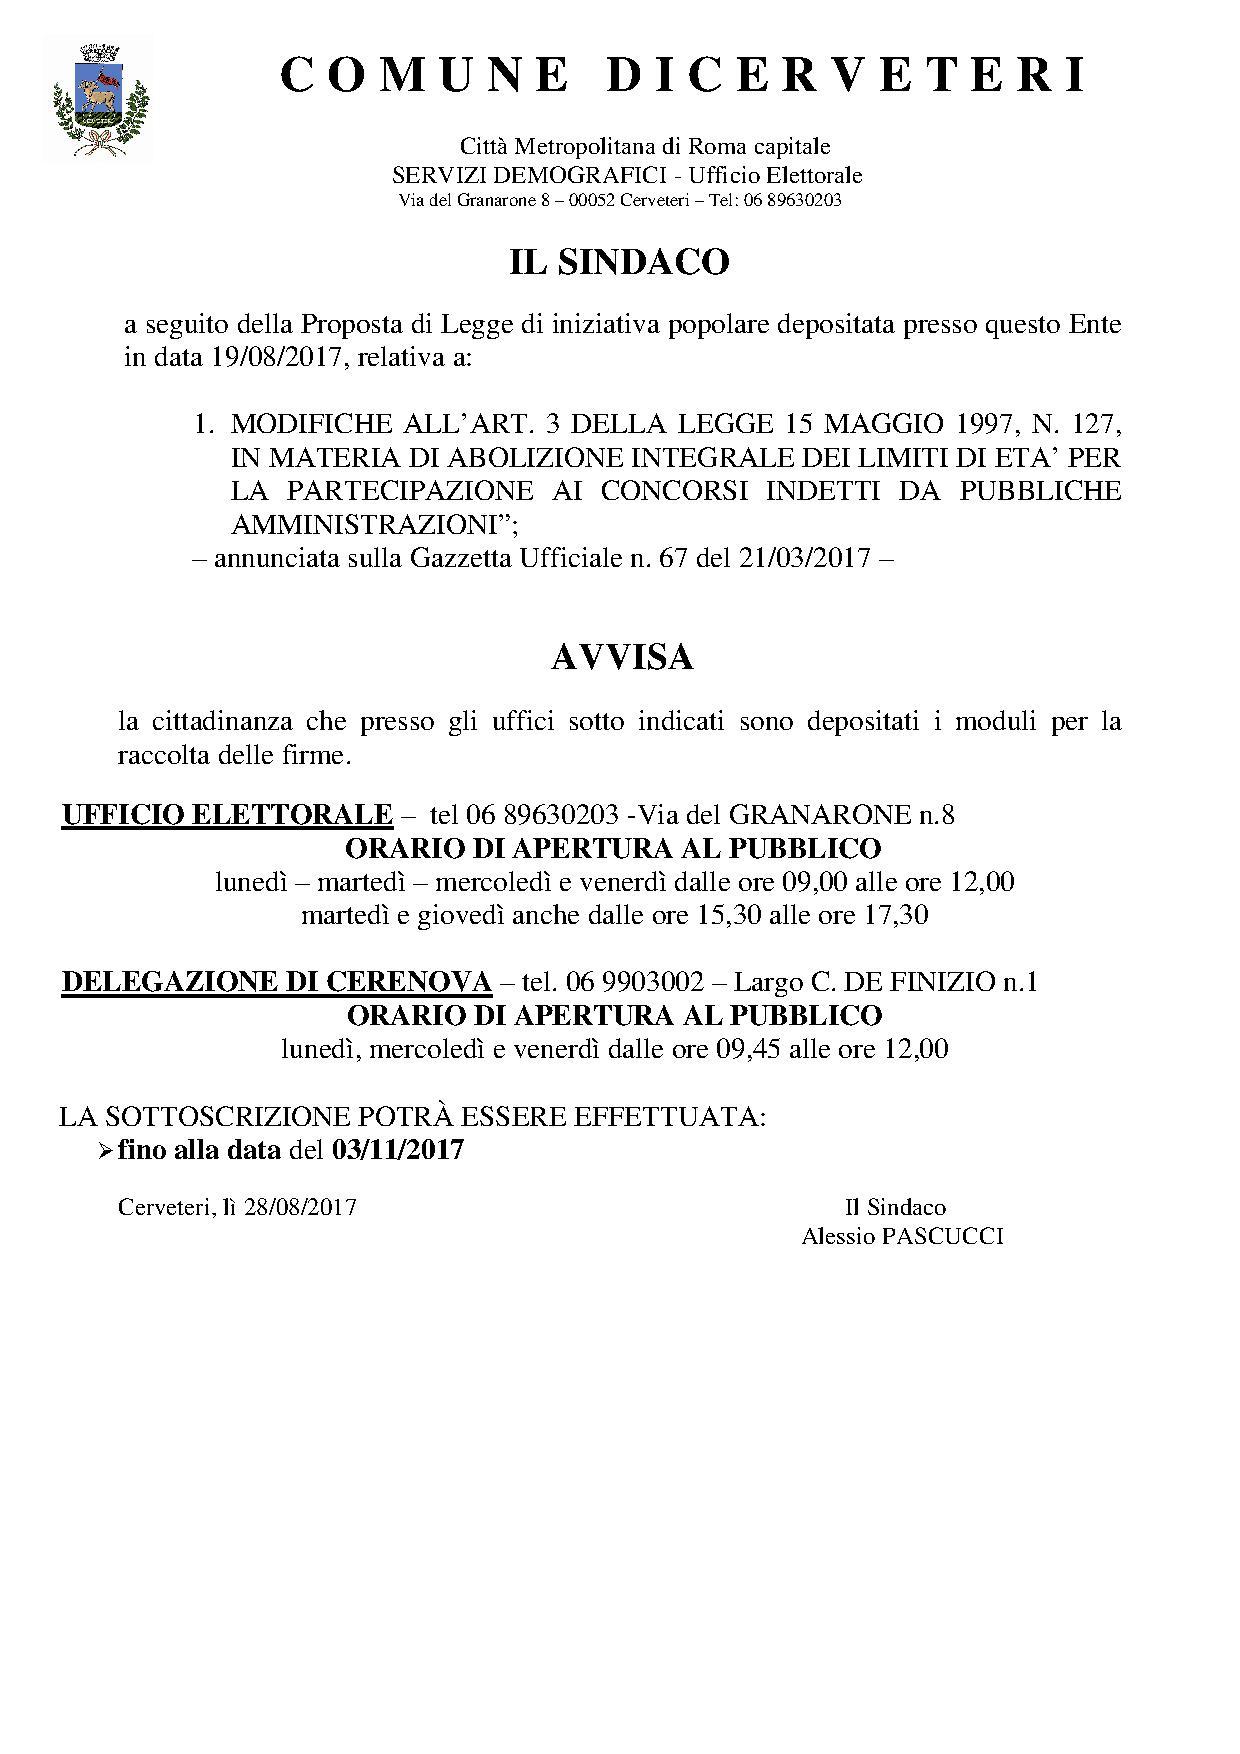 RACCOLTA FIRME N. 1 PROPOSTA DI LEGGE DI INIZIATIVA POPOLARE - COMITATO PROMOTORE NAZIONALE - SCADENZA 03/11/2017